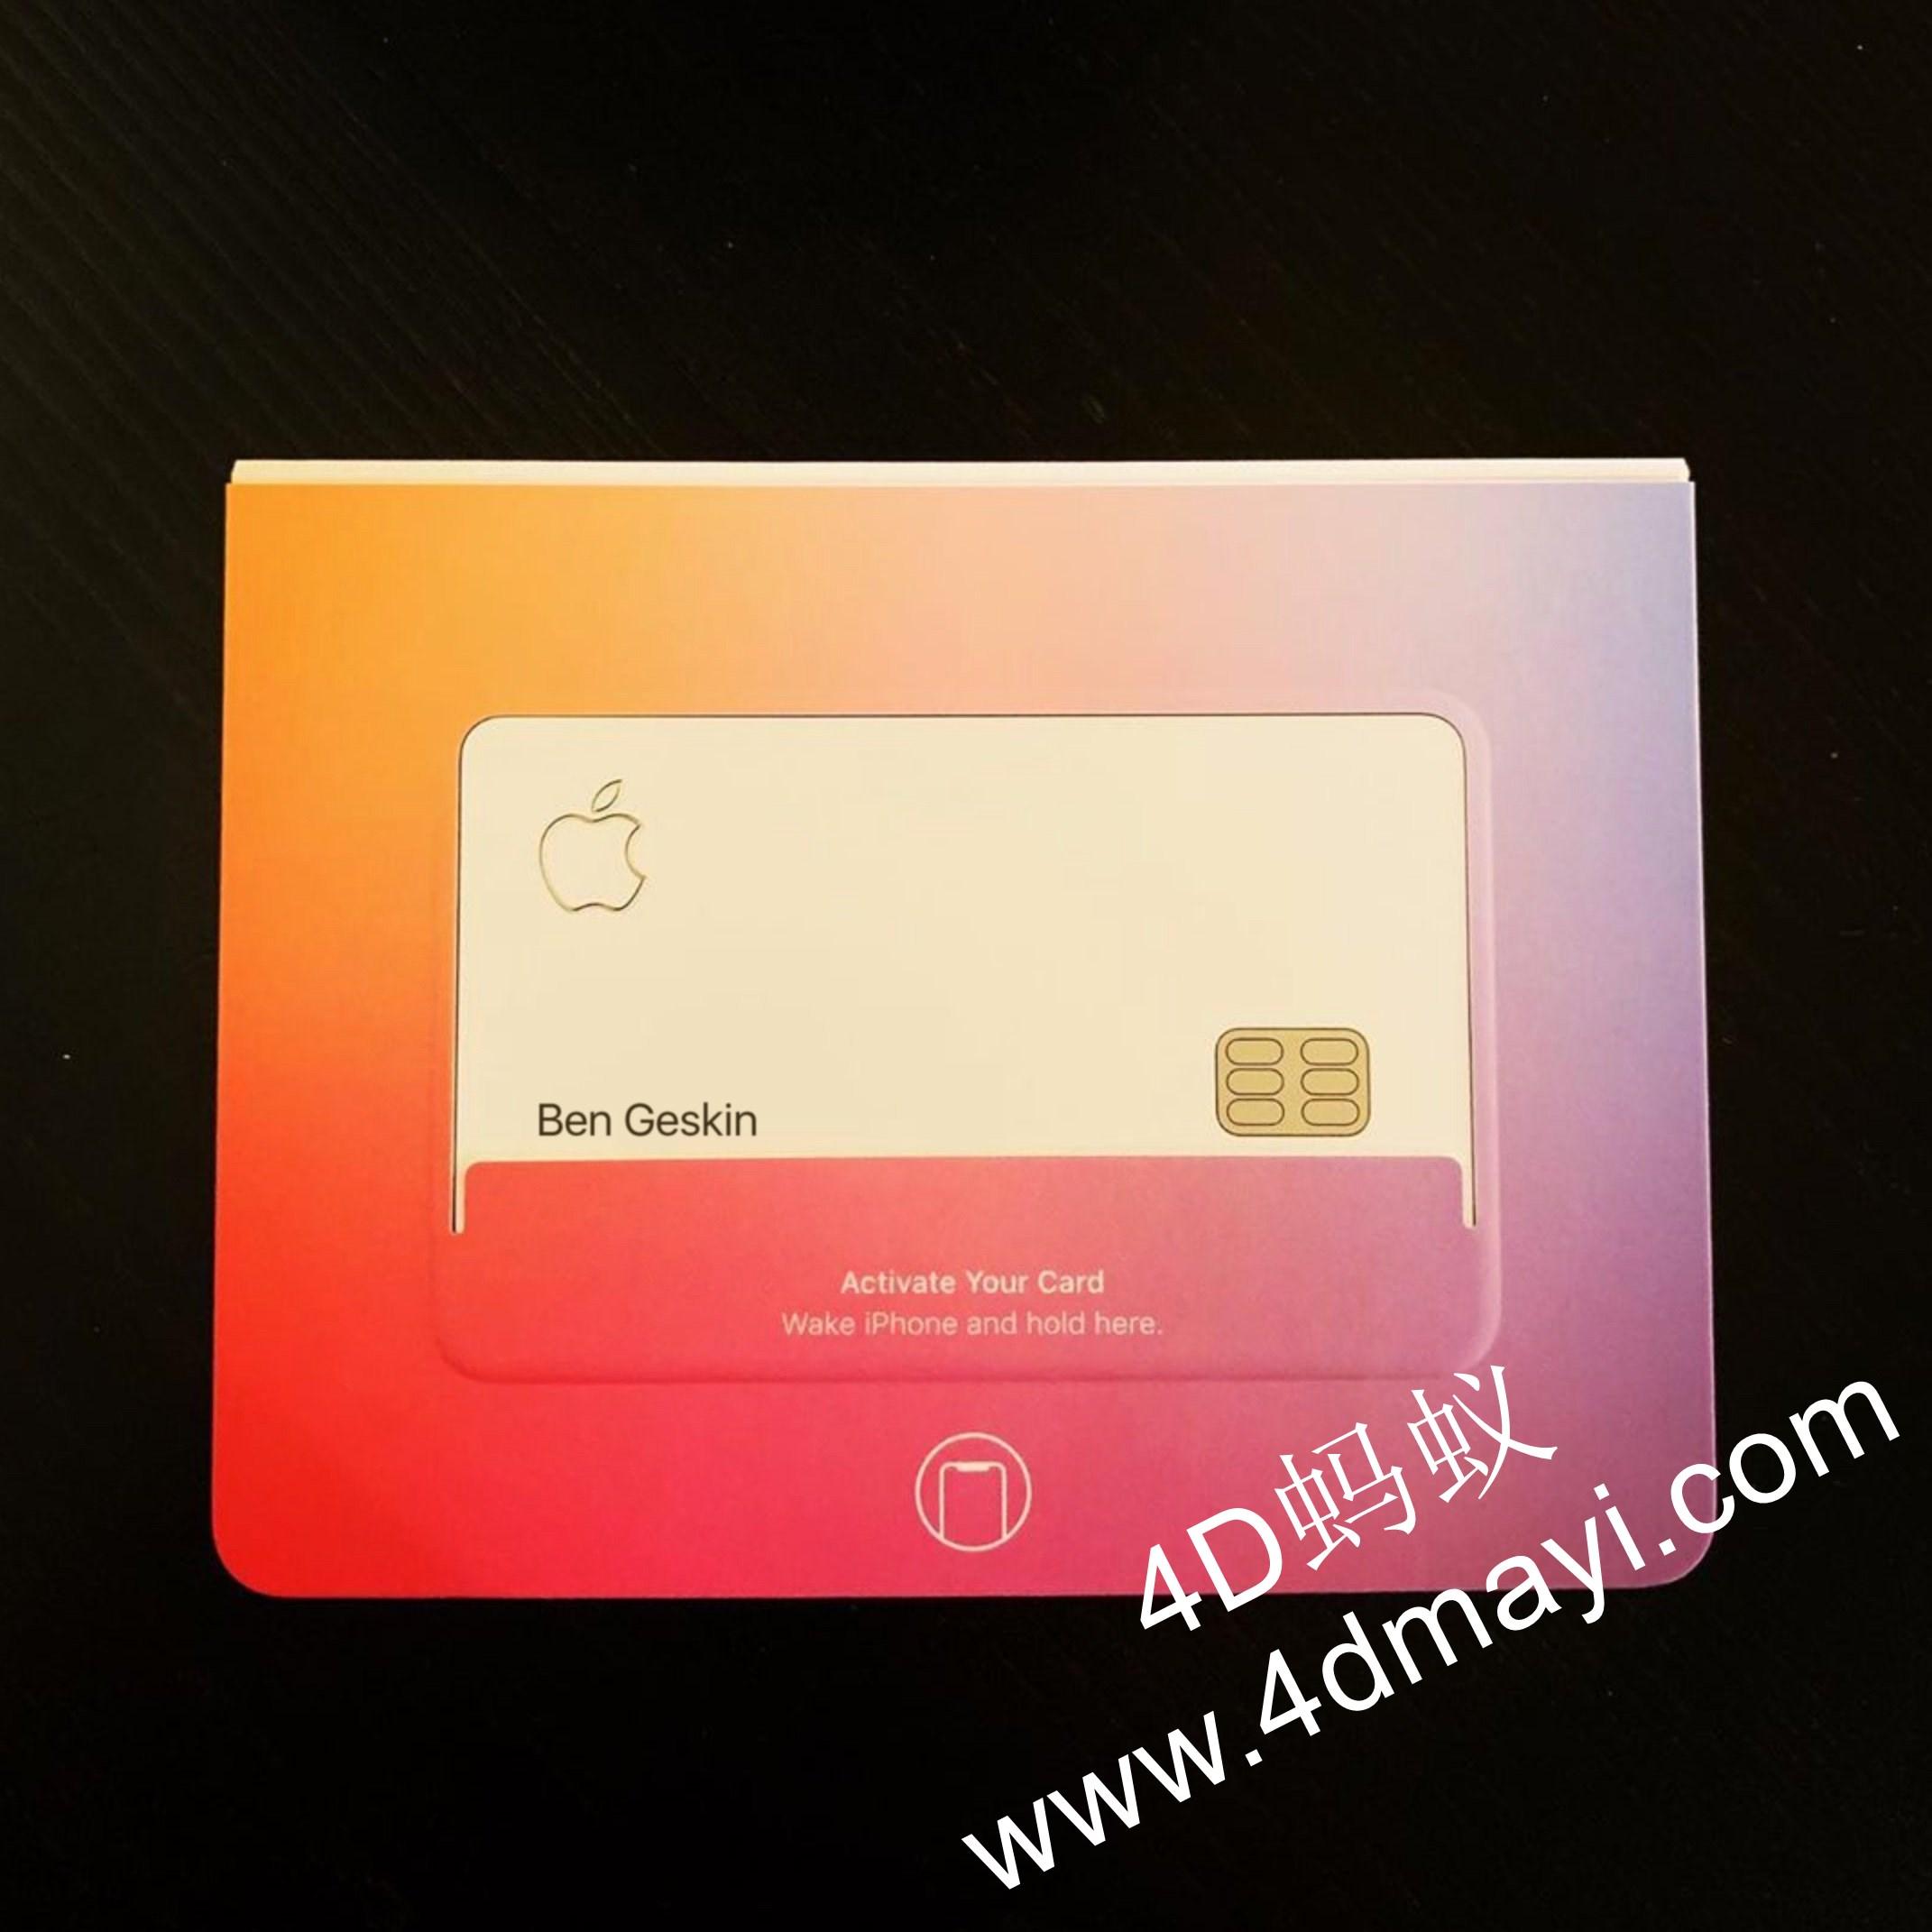 爆料达人Ben Geskin今日在Twitter展示了Apple Card实体信用卡的真卡照片